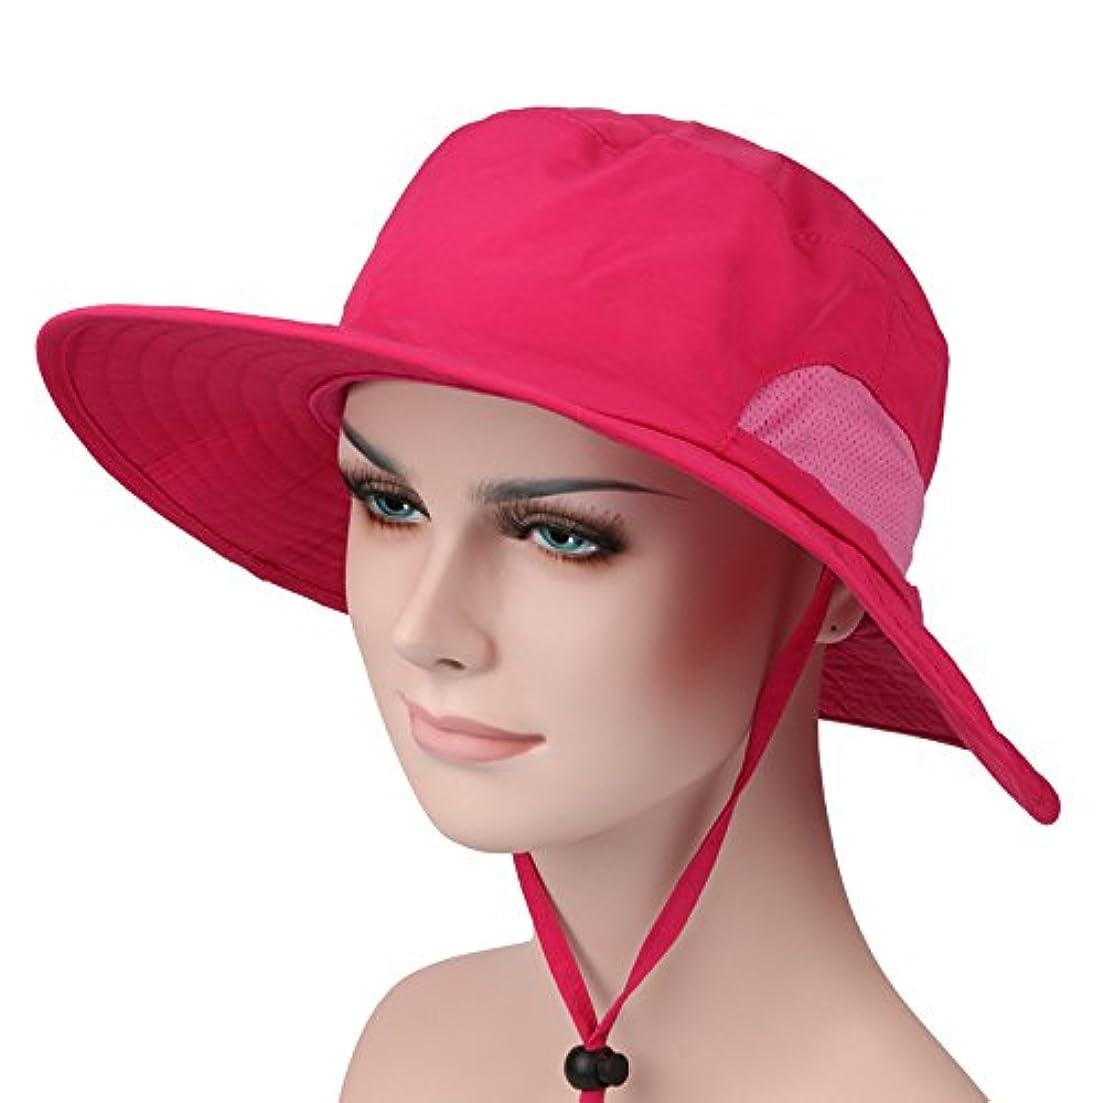 釣り帽子,バケットハット 360度 日よけカバー 紫外線防止 超軽量 メンズ レディース